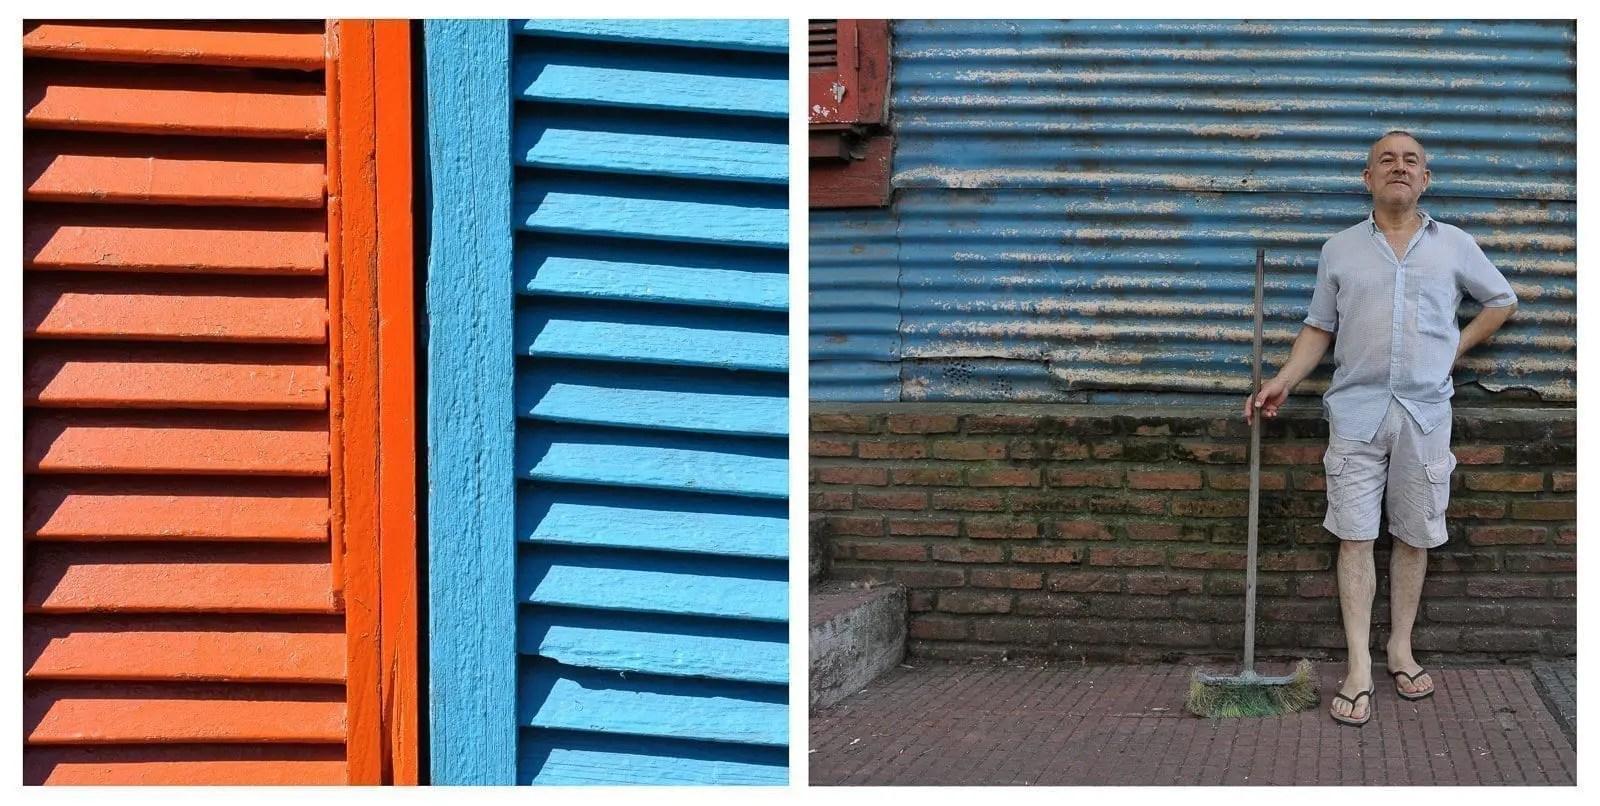 I colori de La Boca | Martina Marini, ©2017